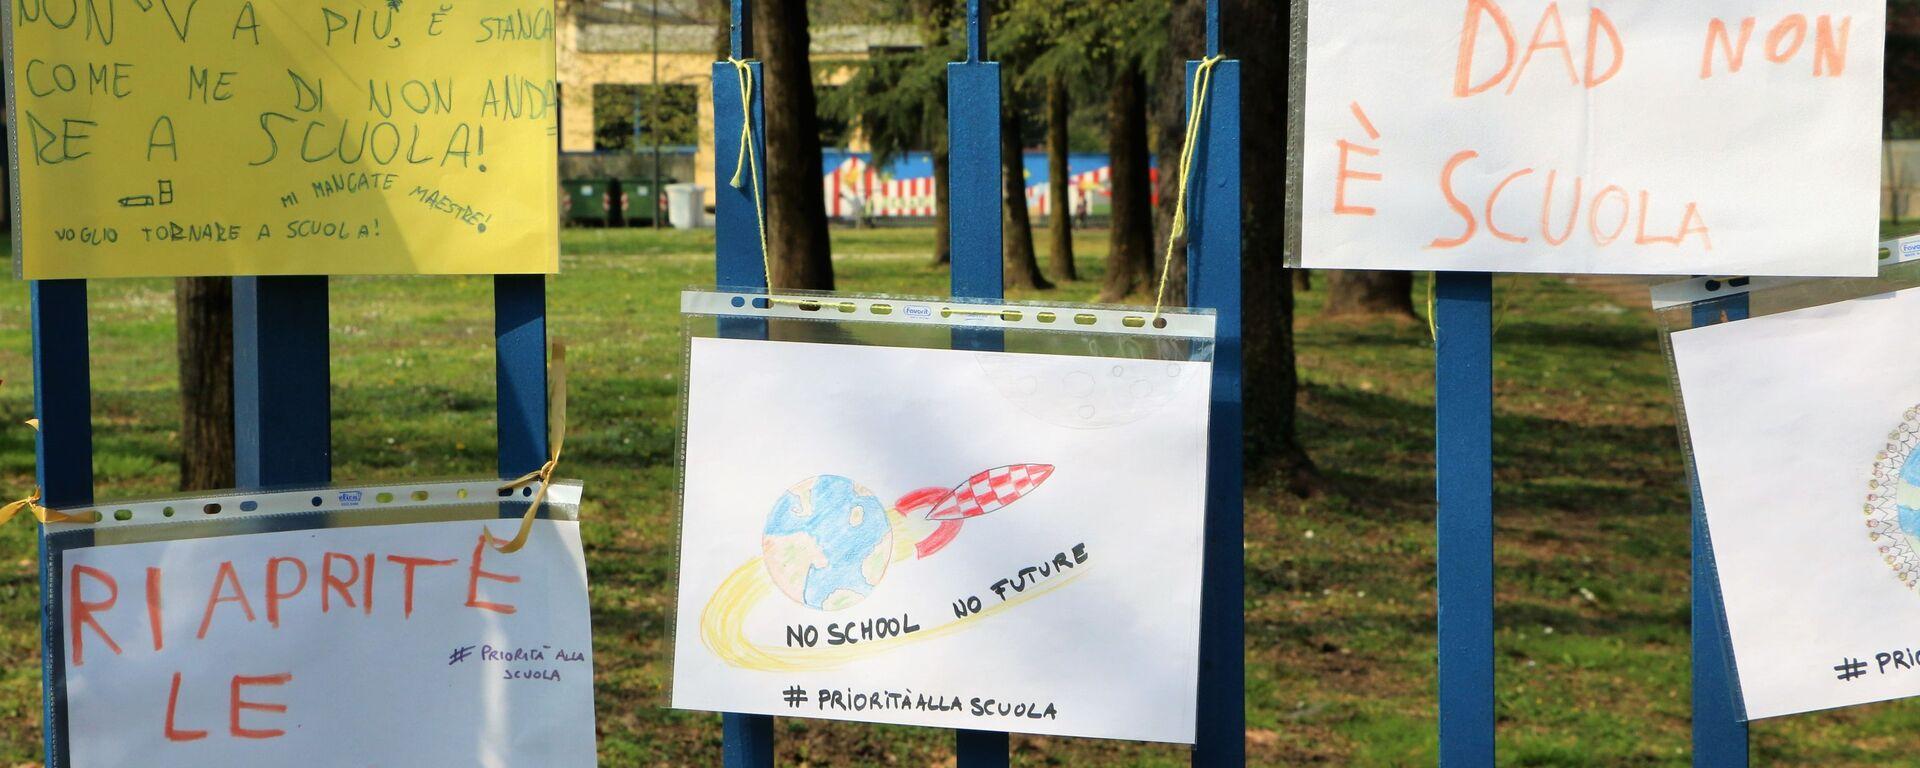 Manifestazioni in tutta Italia per chiedere il ritorno di bambini e ragazzi alla scuola in presenza - Sputnik Italia, 1920, 28.04.2021